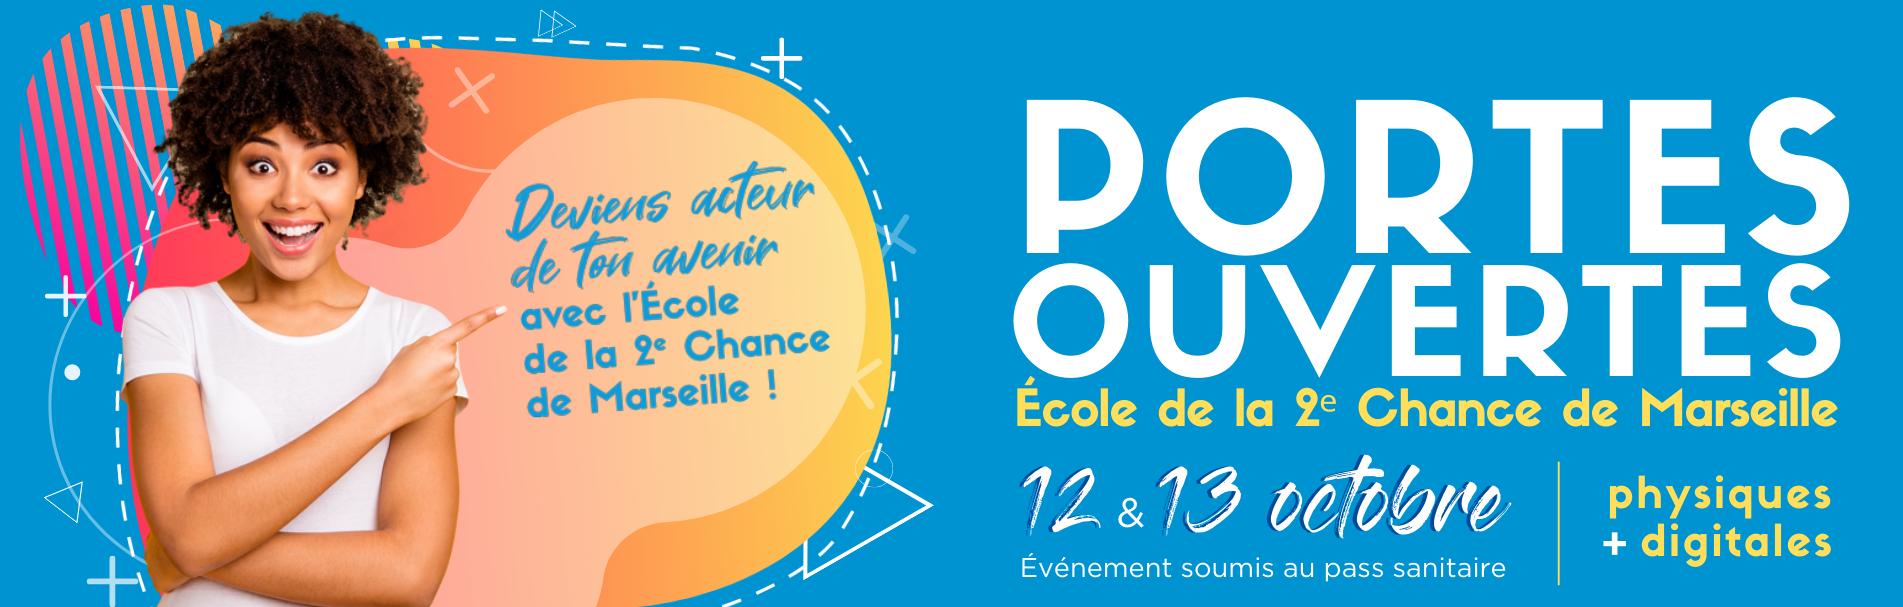 Journée-Portes-Ouvertes-E2C-Marseille